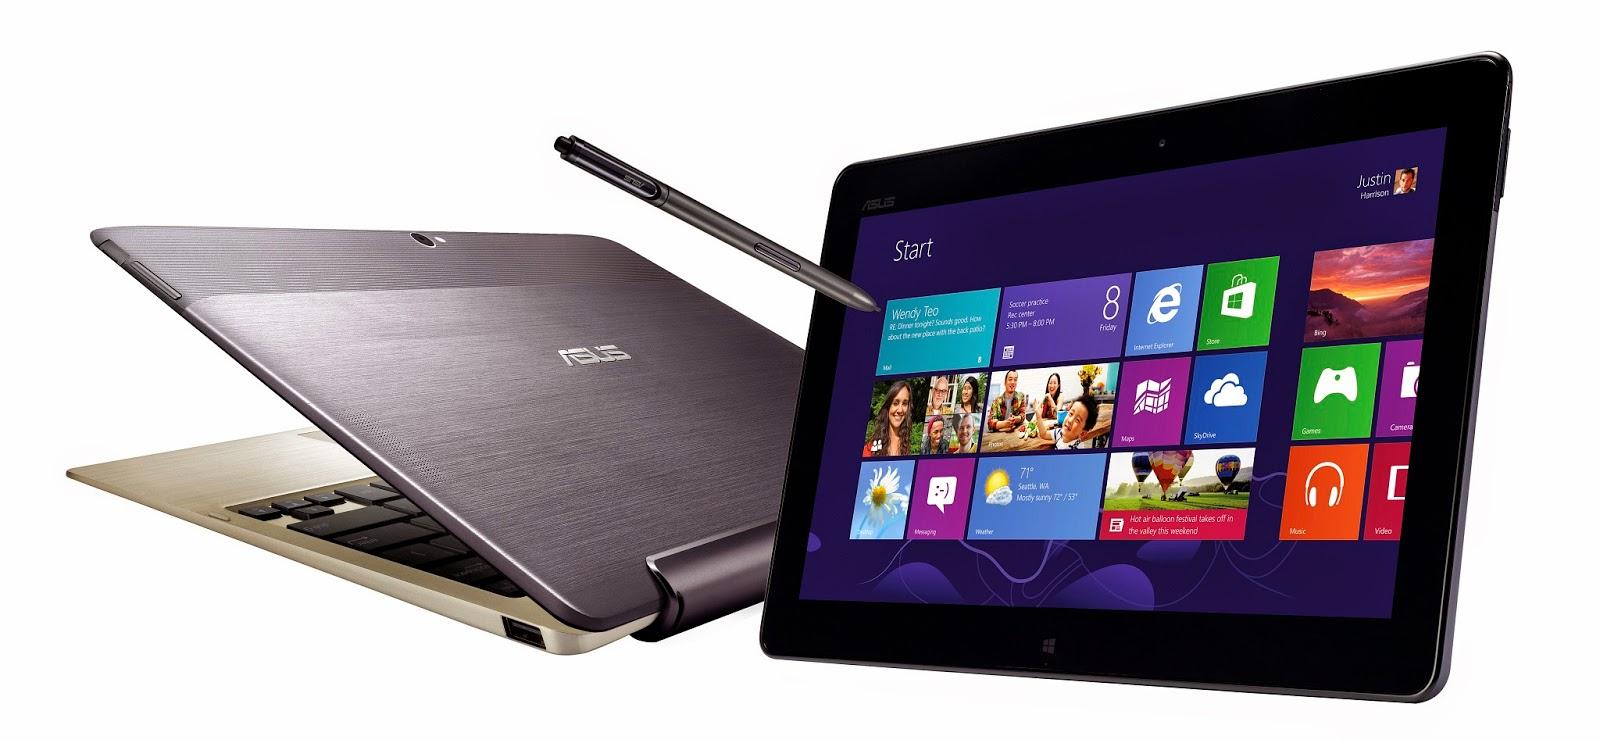 Daftar Laptop asus Terbaru dan spesifikasi Harga